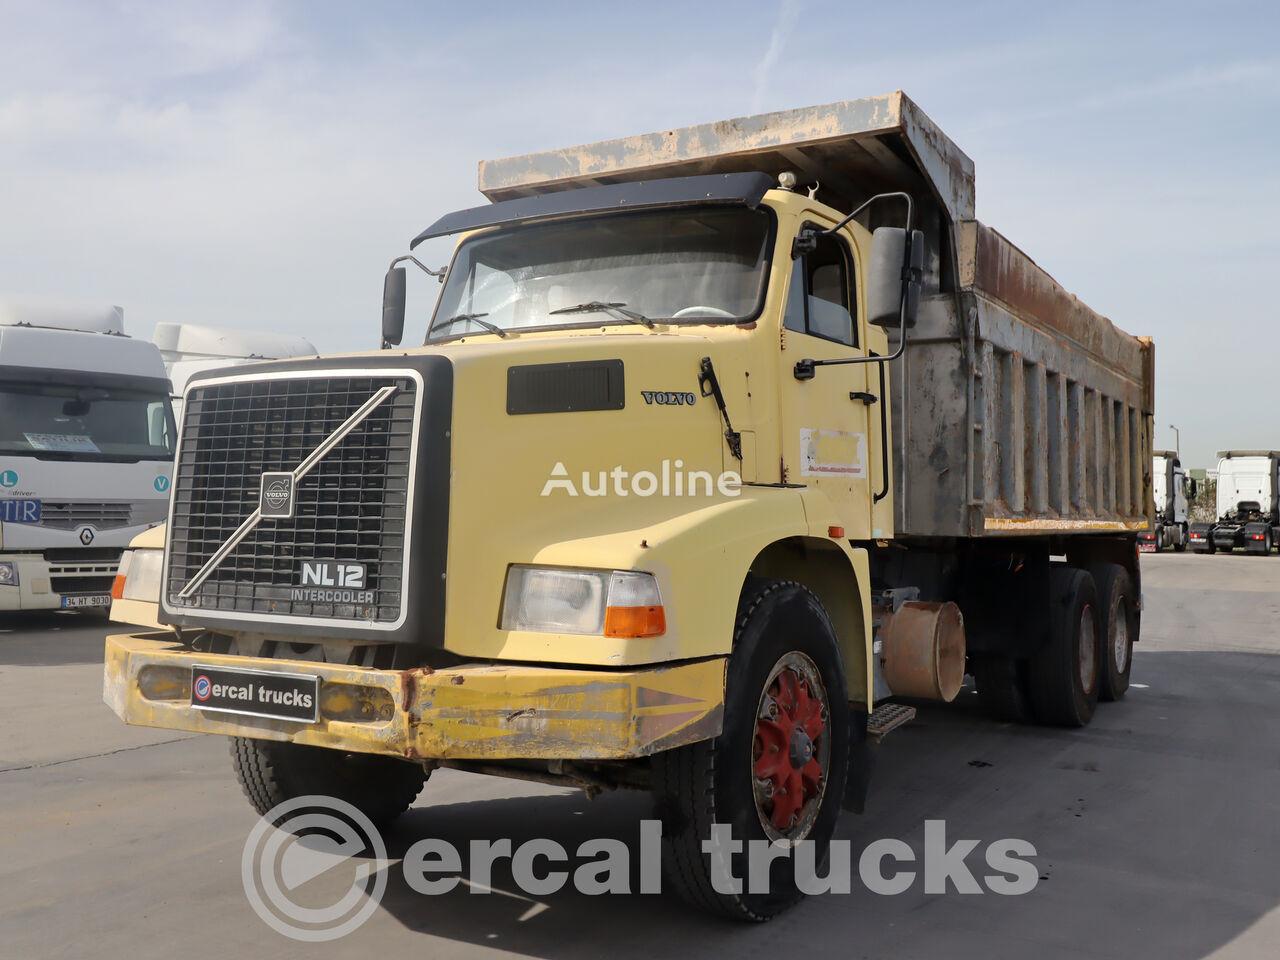 VOLVO 1998 NL 12 6X4 HARDOX TIPPER dump truck